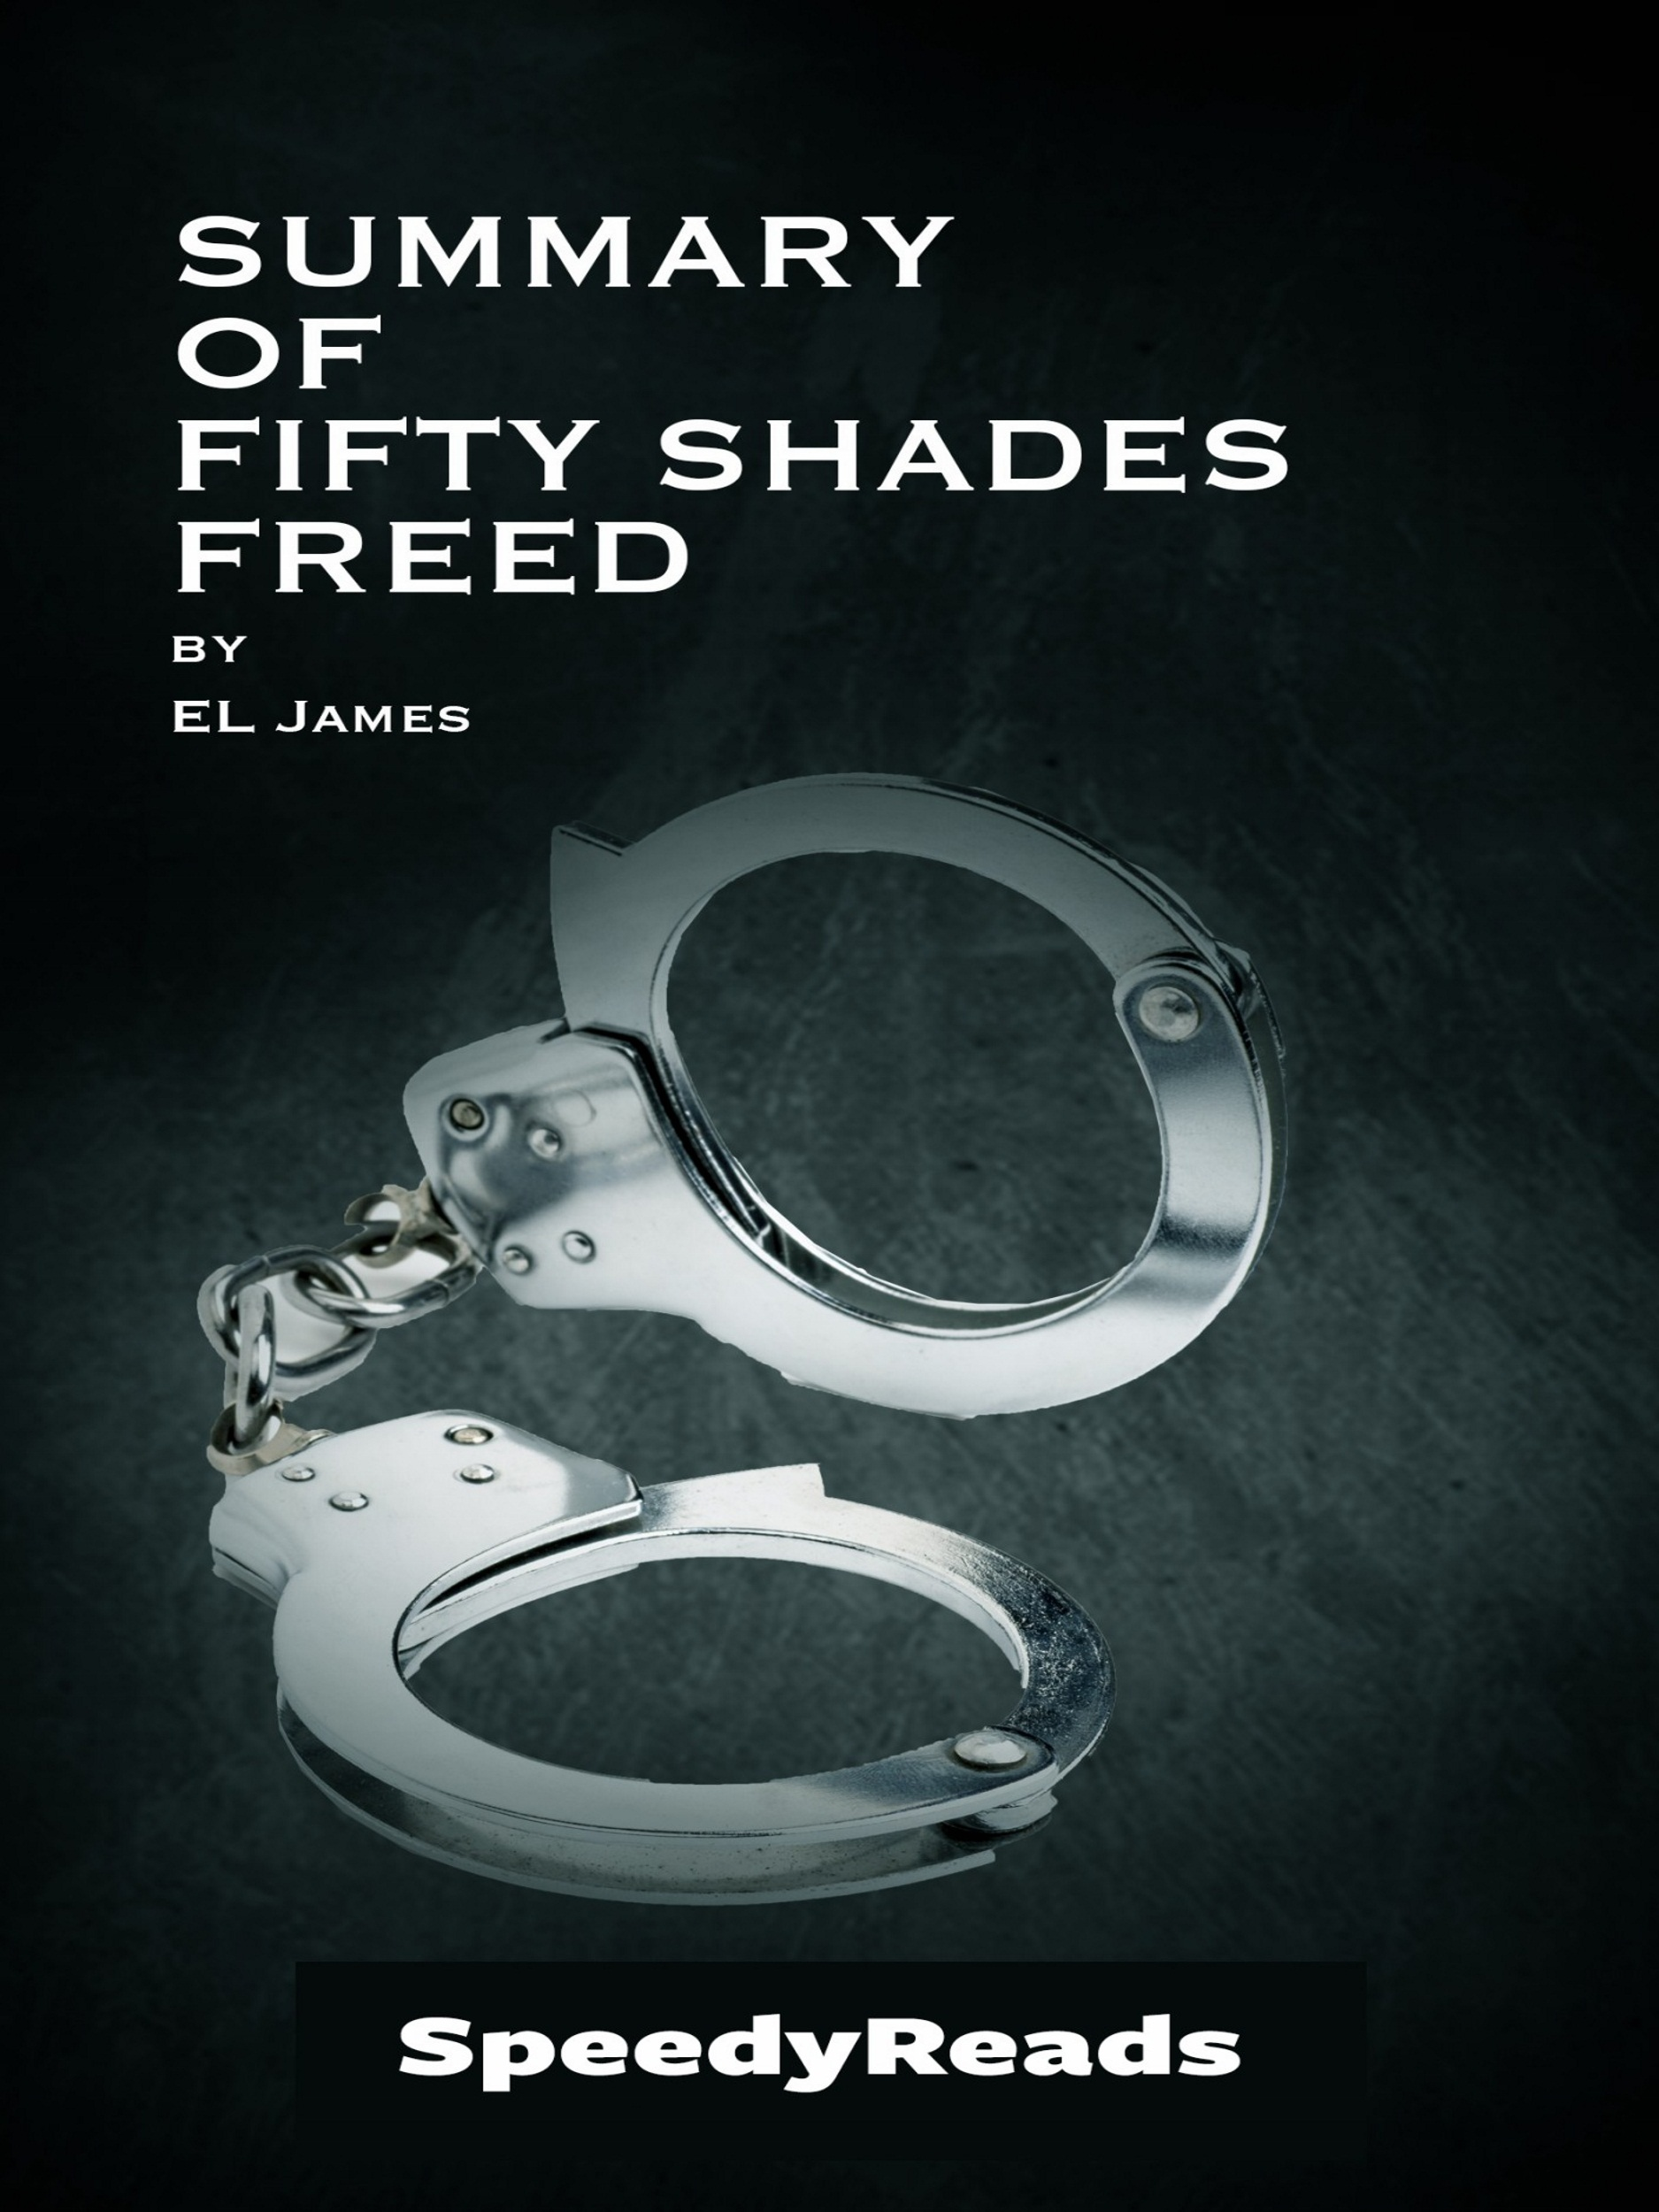 Summary of Fifty Shades Freed ...